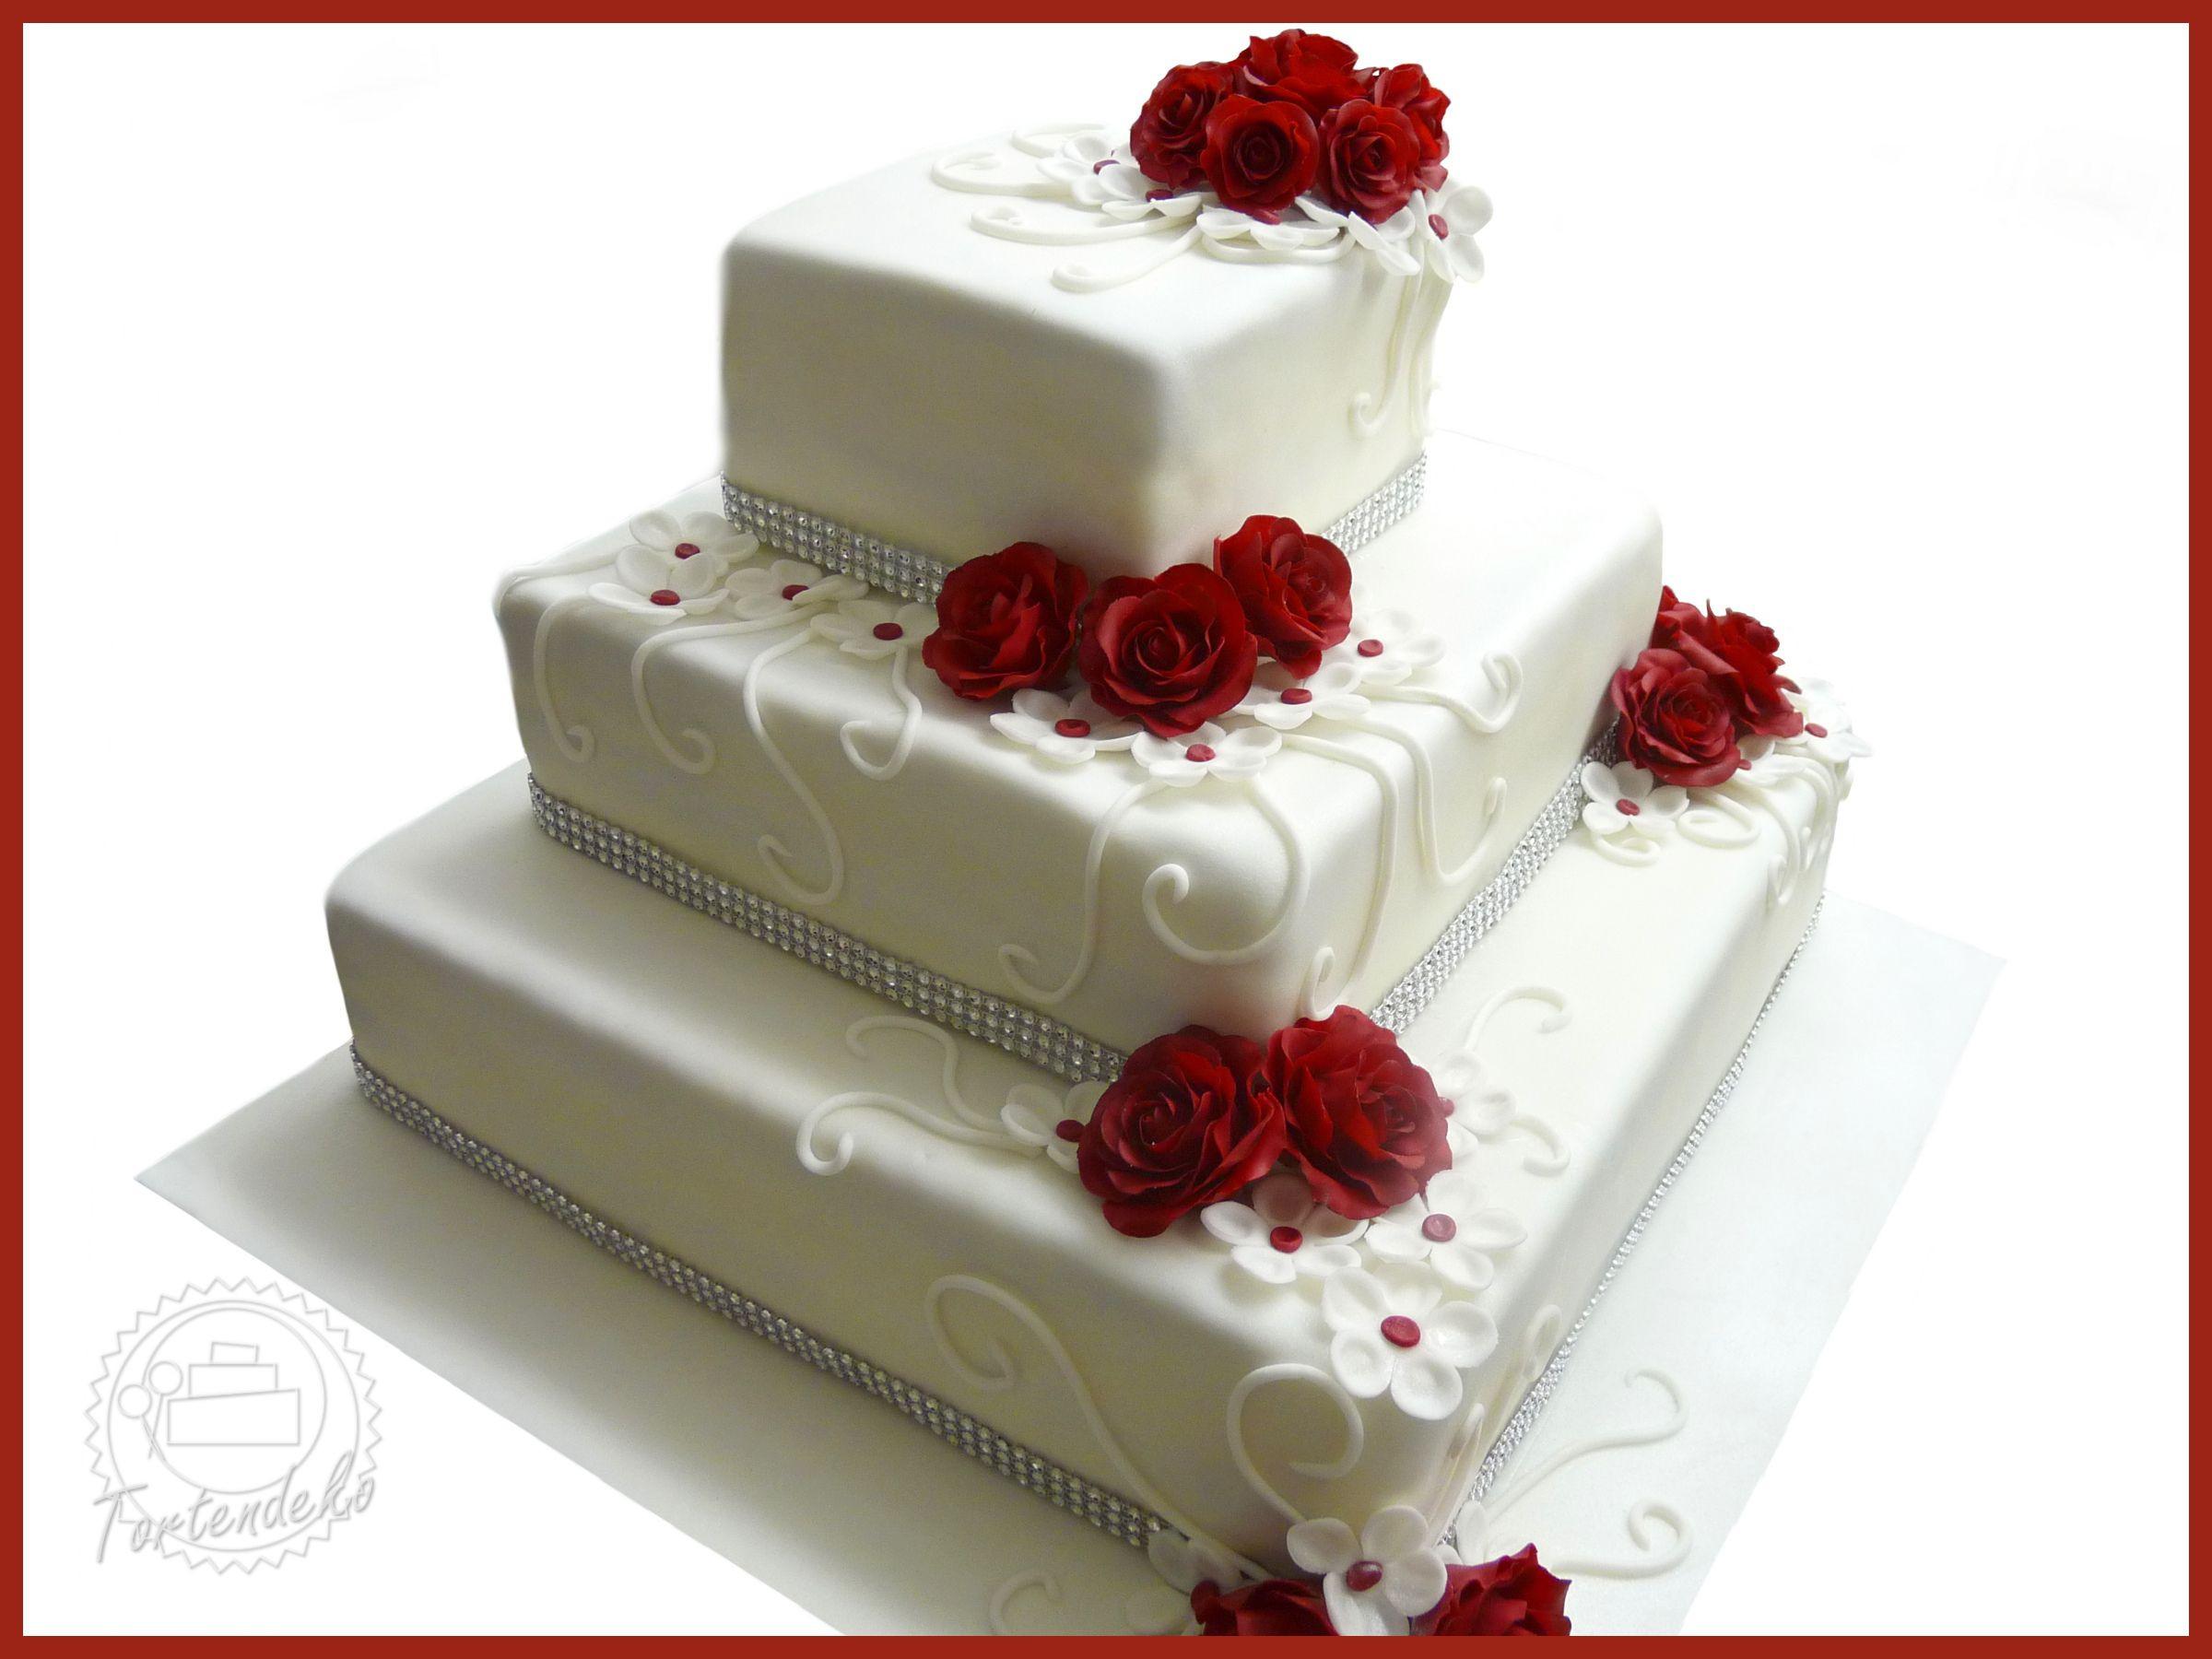 Hochzeitstorte Rot Weiß  Eckige Hochzeitstorte mit Rosen in bordeaux